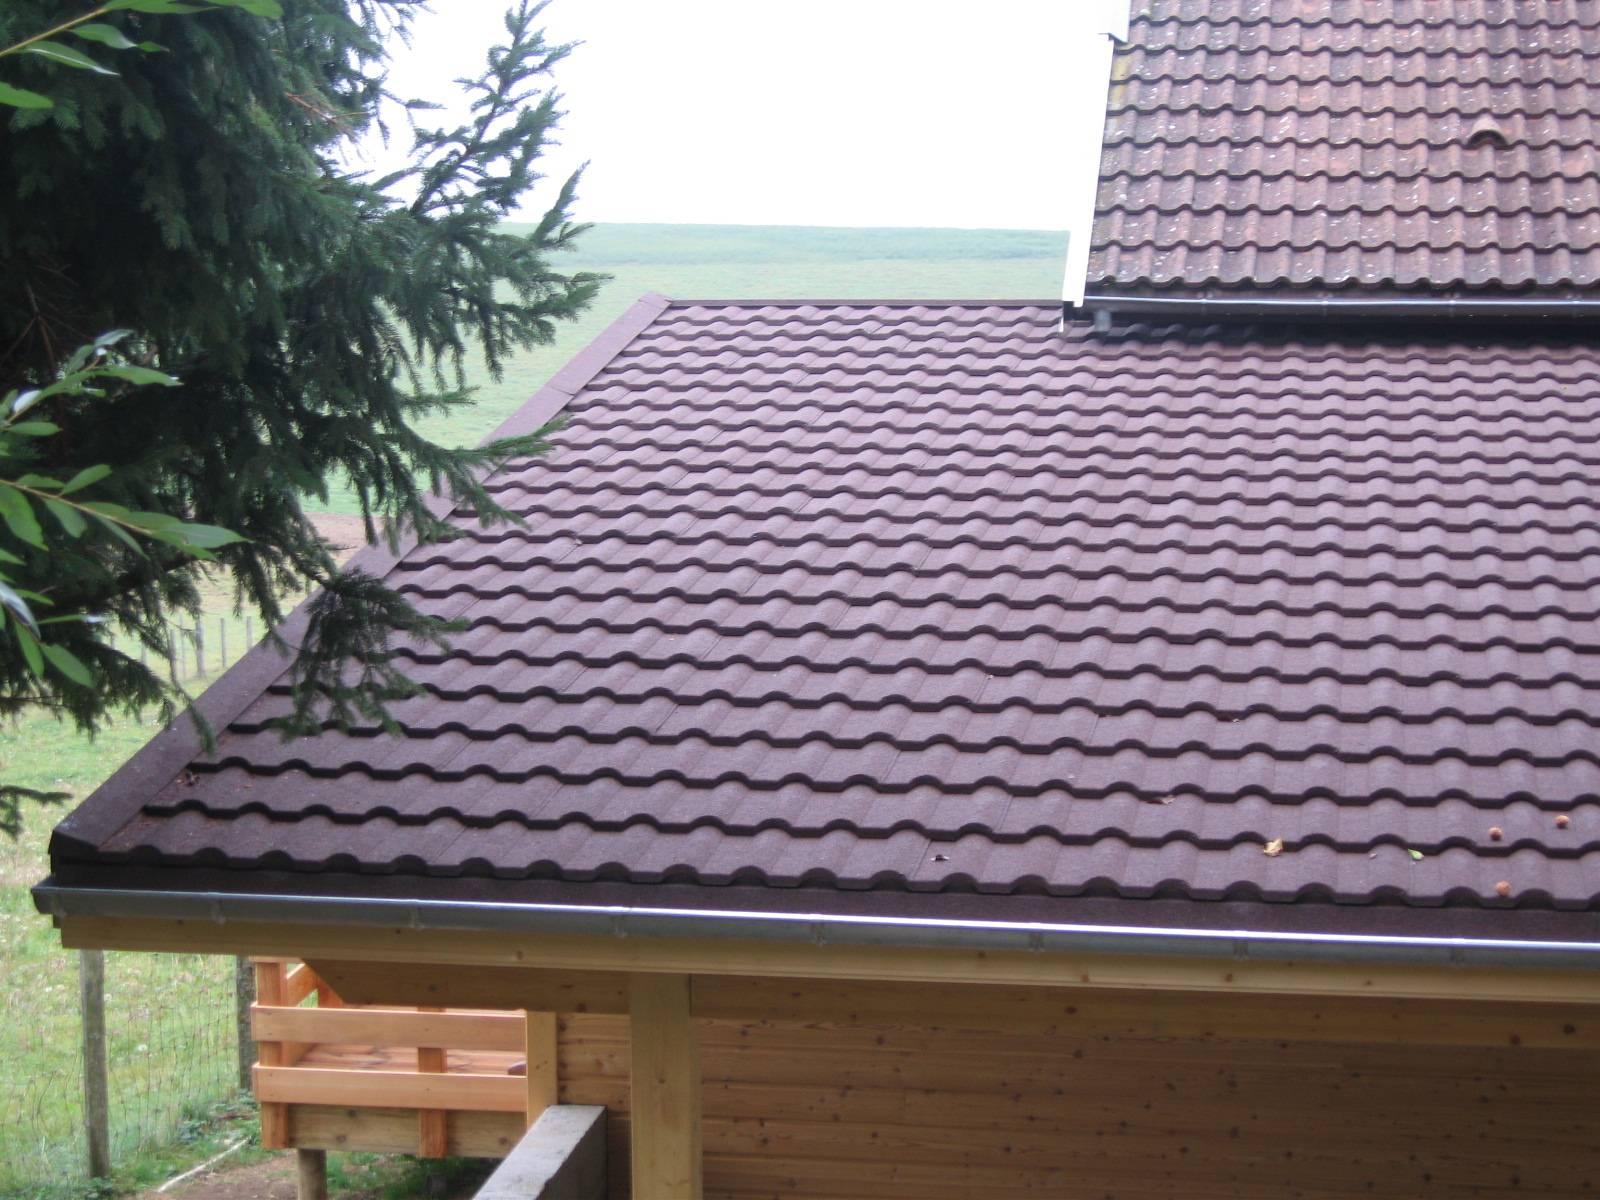 tuiles pour toiture faible pente fabrication livraison de tuiles lyon mat riaux r novation. Black Bedroom Furniture Sets. Home Design Ideas